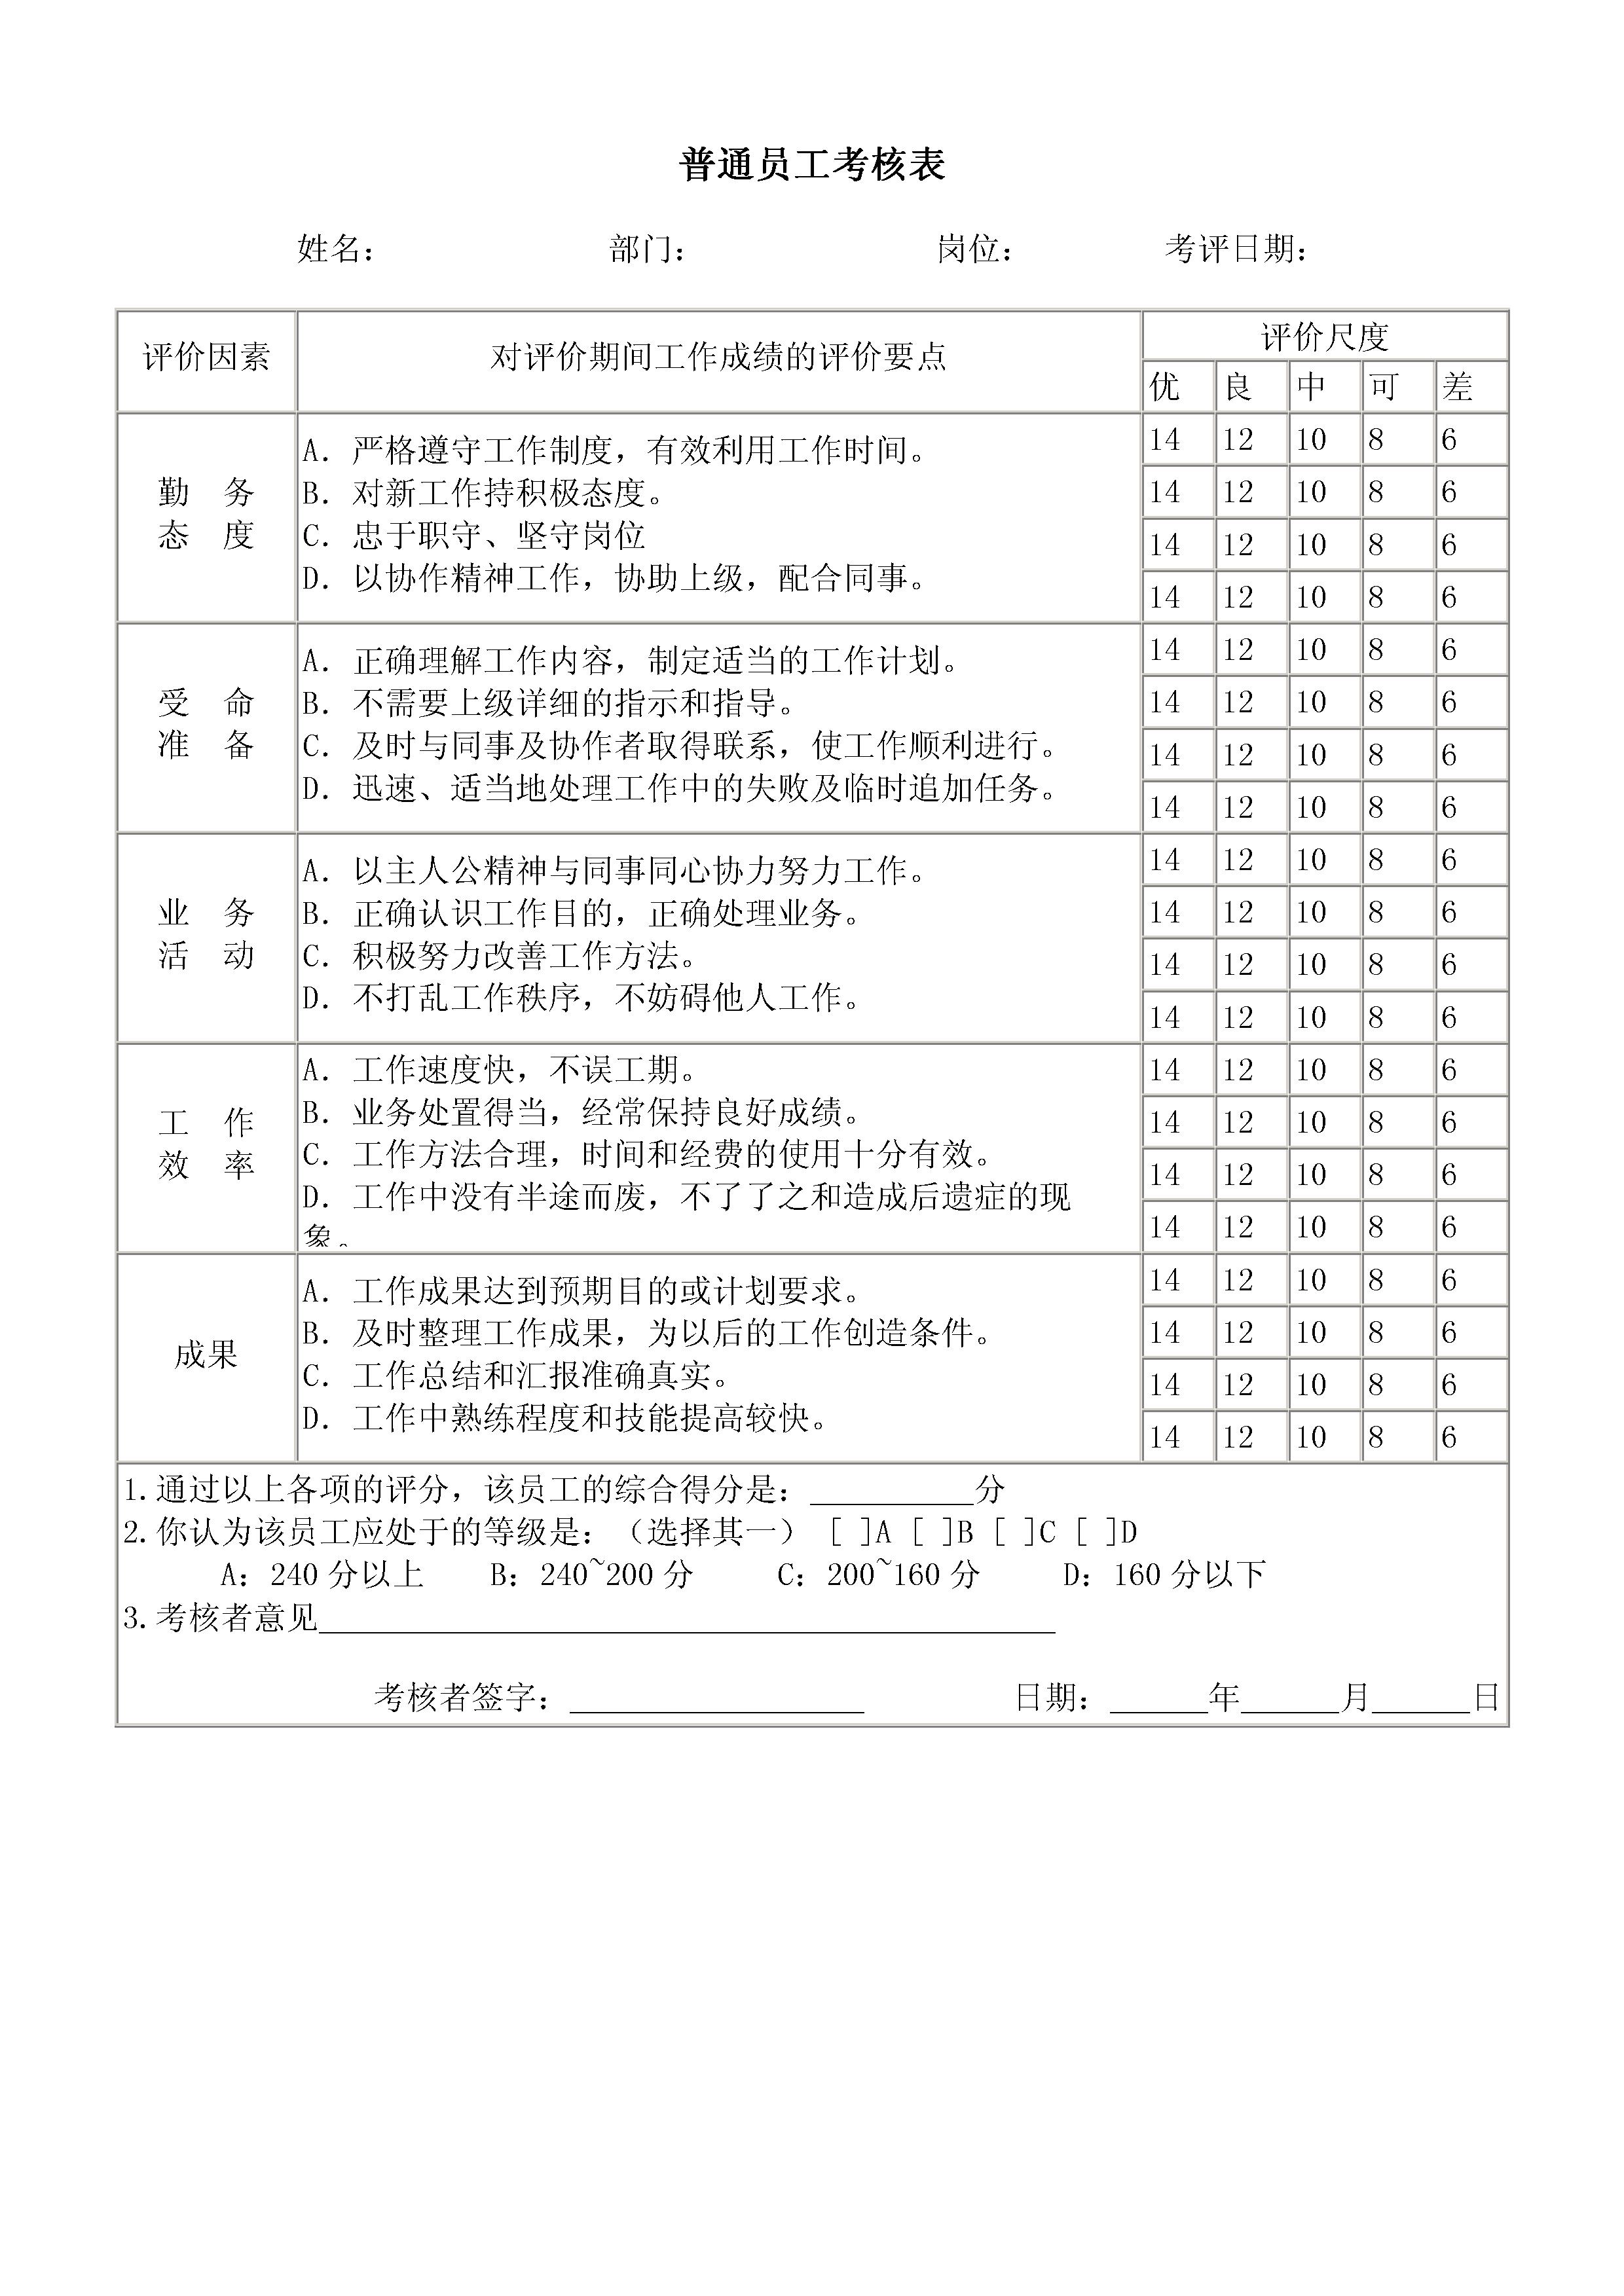 普通员工考核表模板免费下载_1